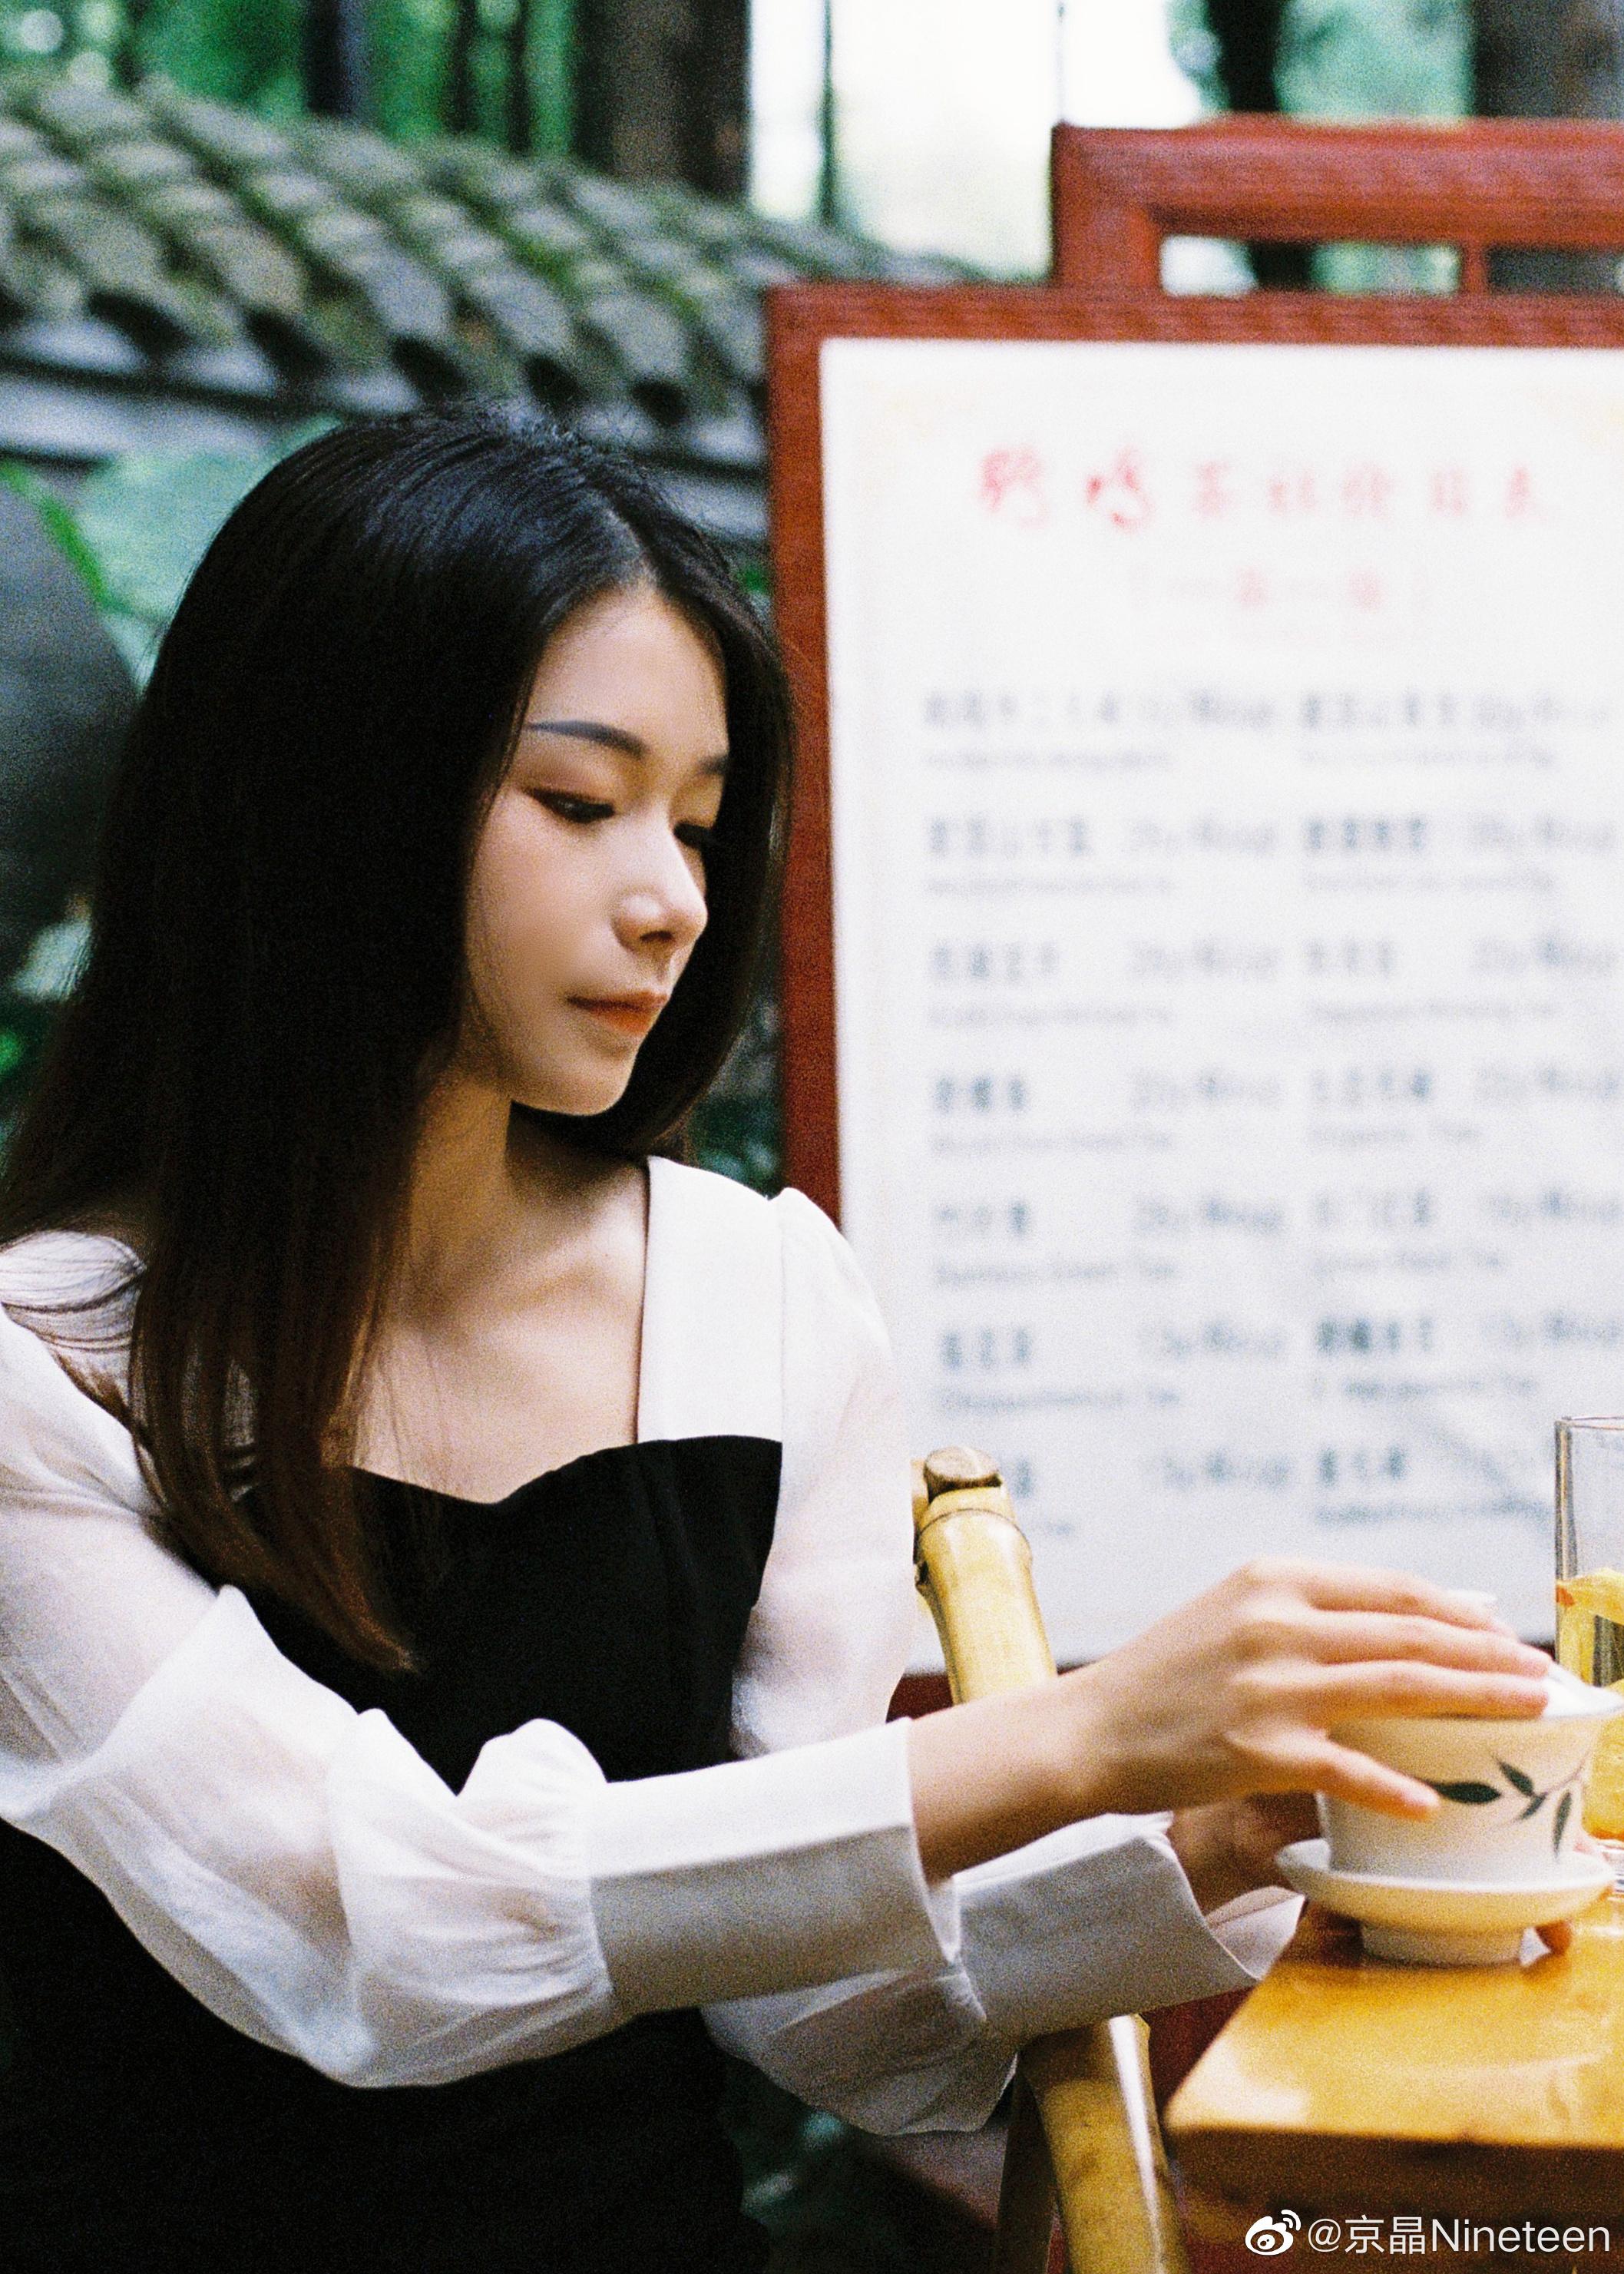 公主日记京晶的客片分享美女